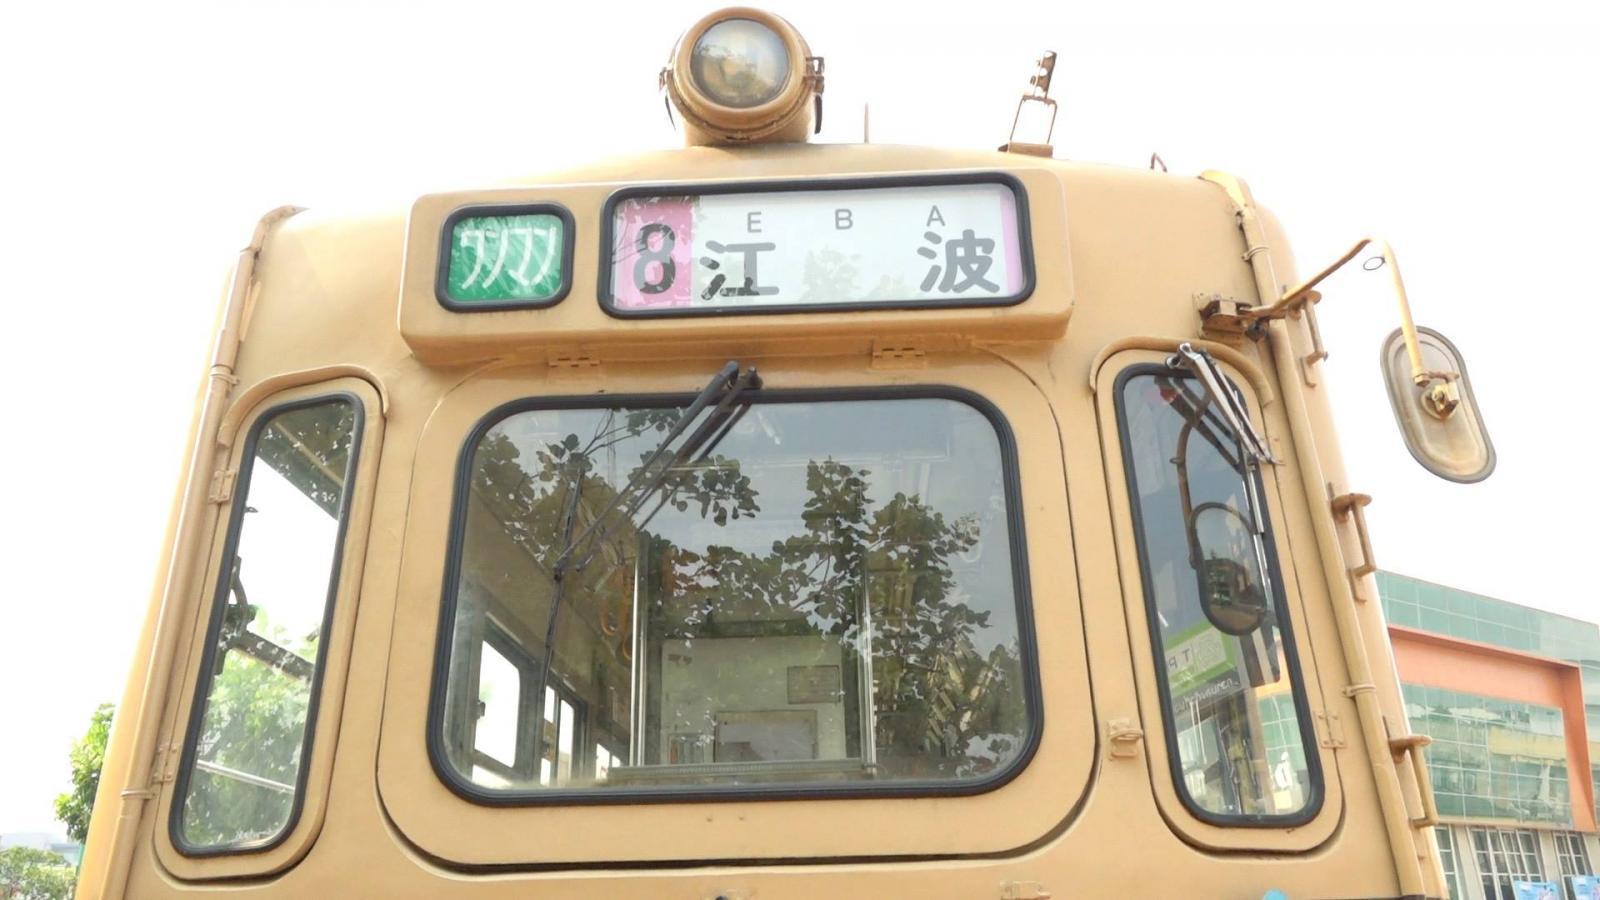 """รถราง จาก """"ฮิโรชิมา"""" ถึง ขอนแก่น""""  เดินหน้าขนส่งระบบราง"""